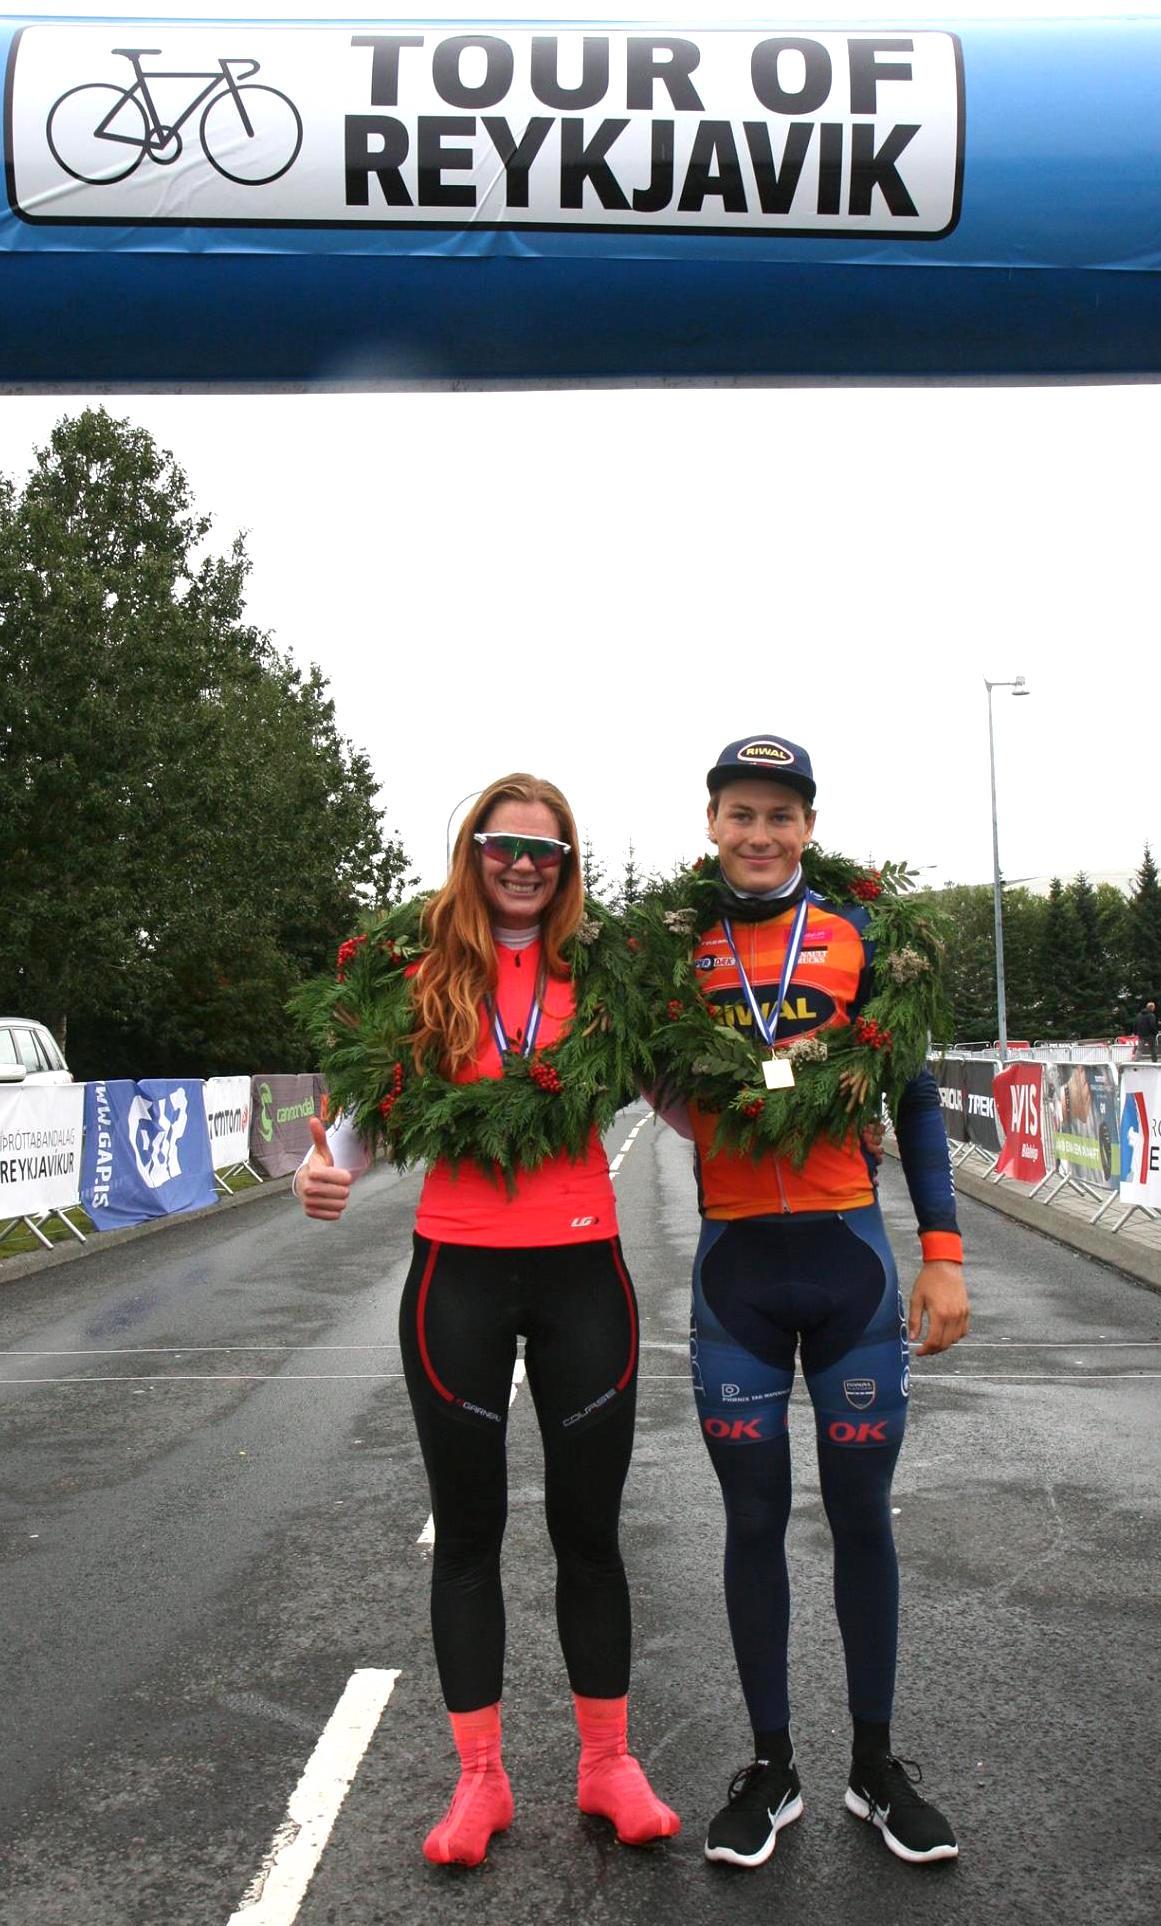 Sigurvegararnir í 110 km: Erla Sigurlaug Sigurðardóttir og Tobias Mörch .  Ljósmynd: Anna Lilja Sigurðardóttir